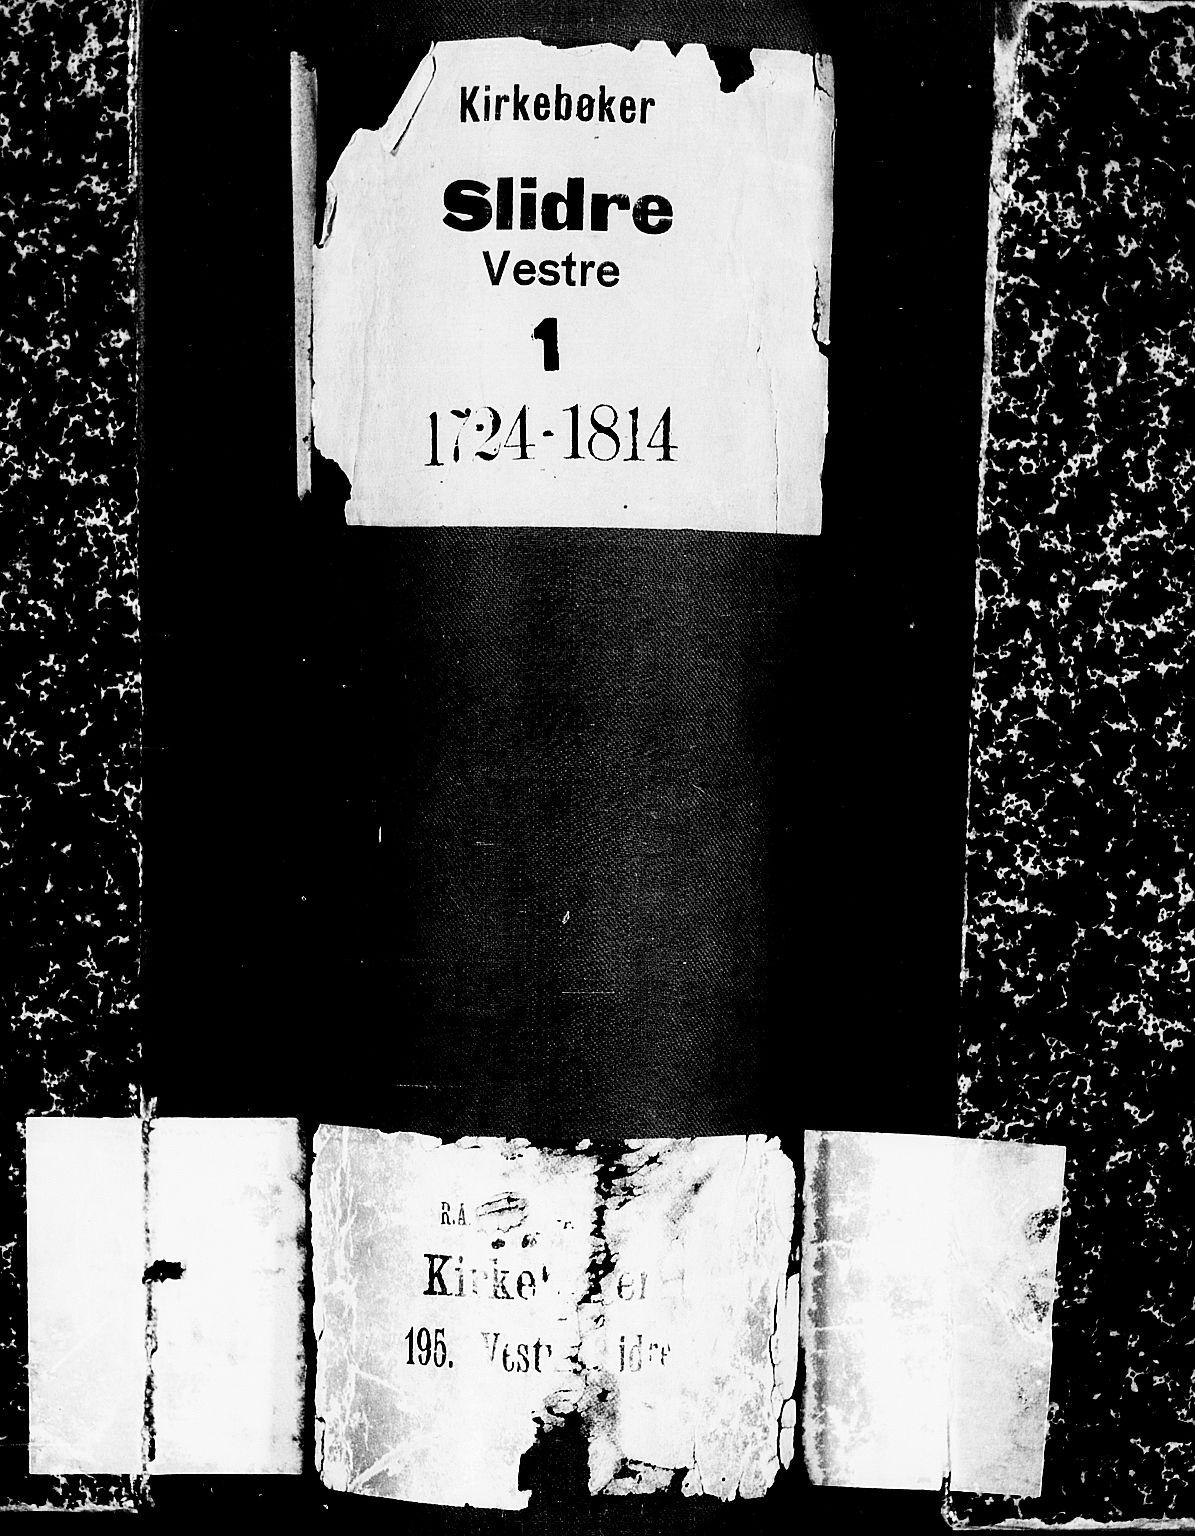 SAH, Slidre prestekontor, Ministerialbok nr. 1, 1724-1814